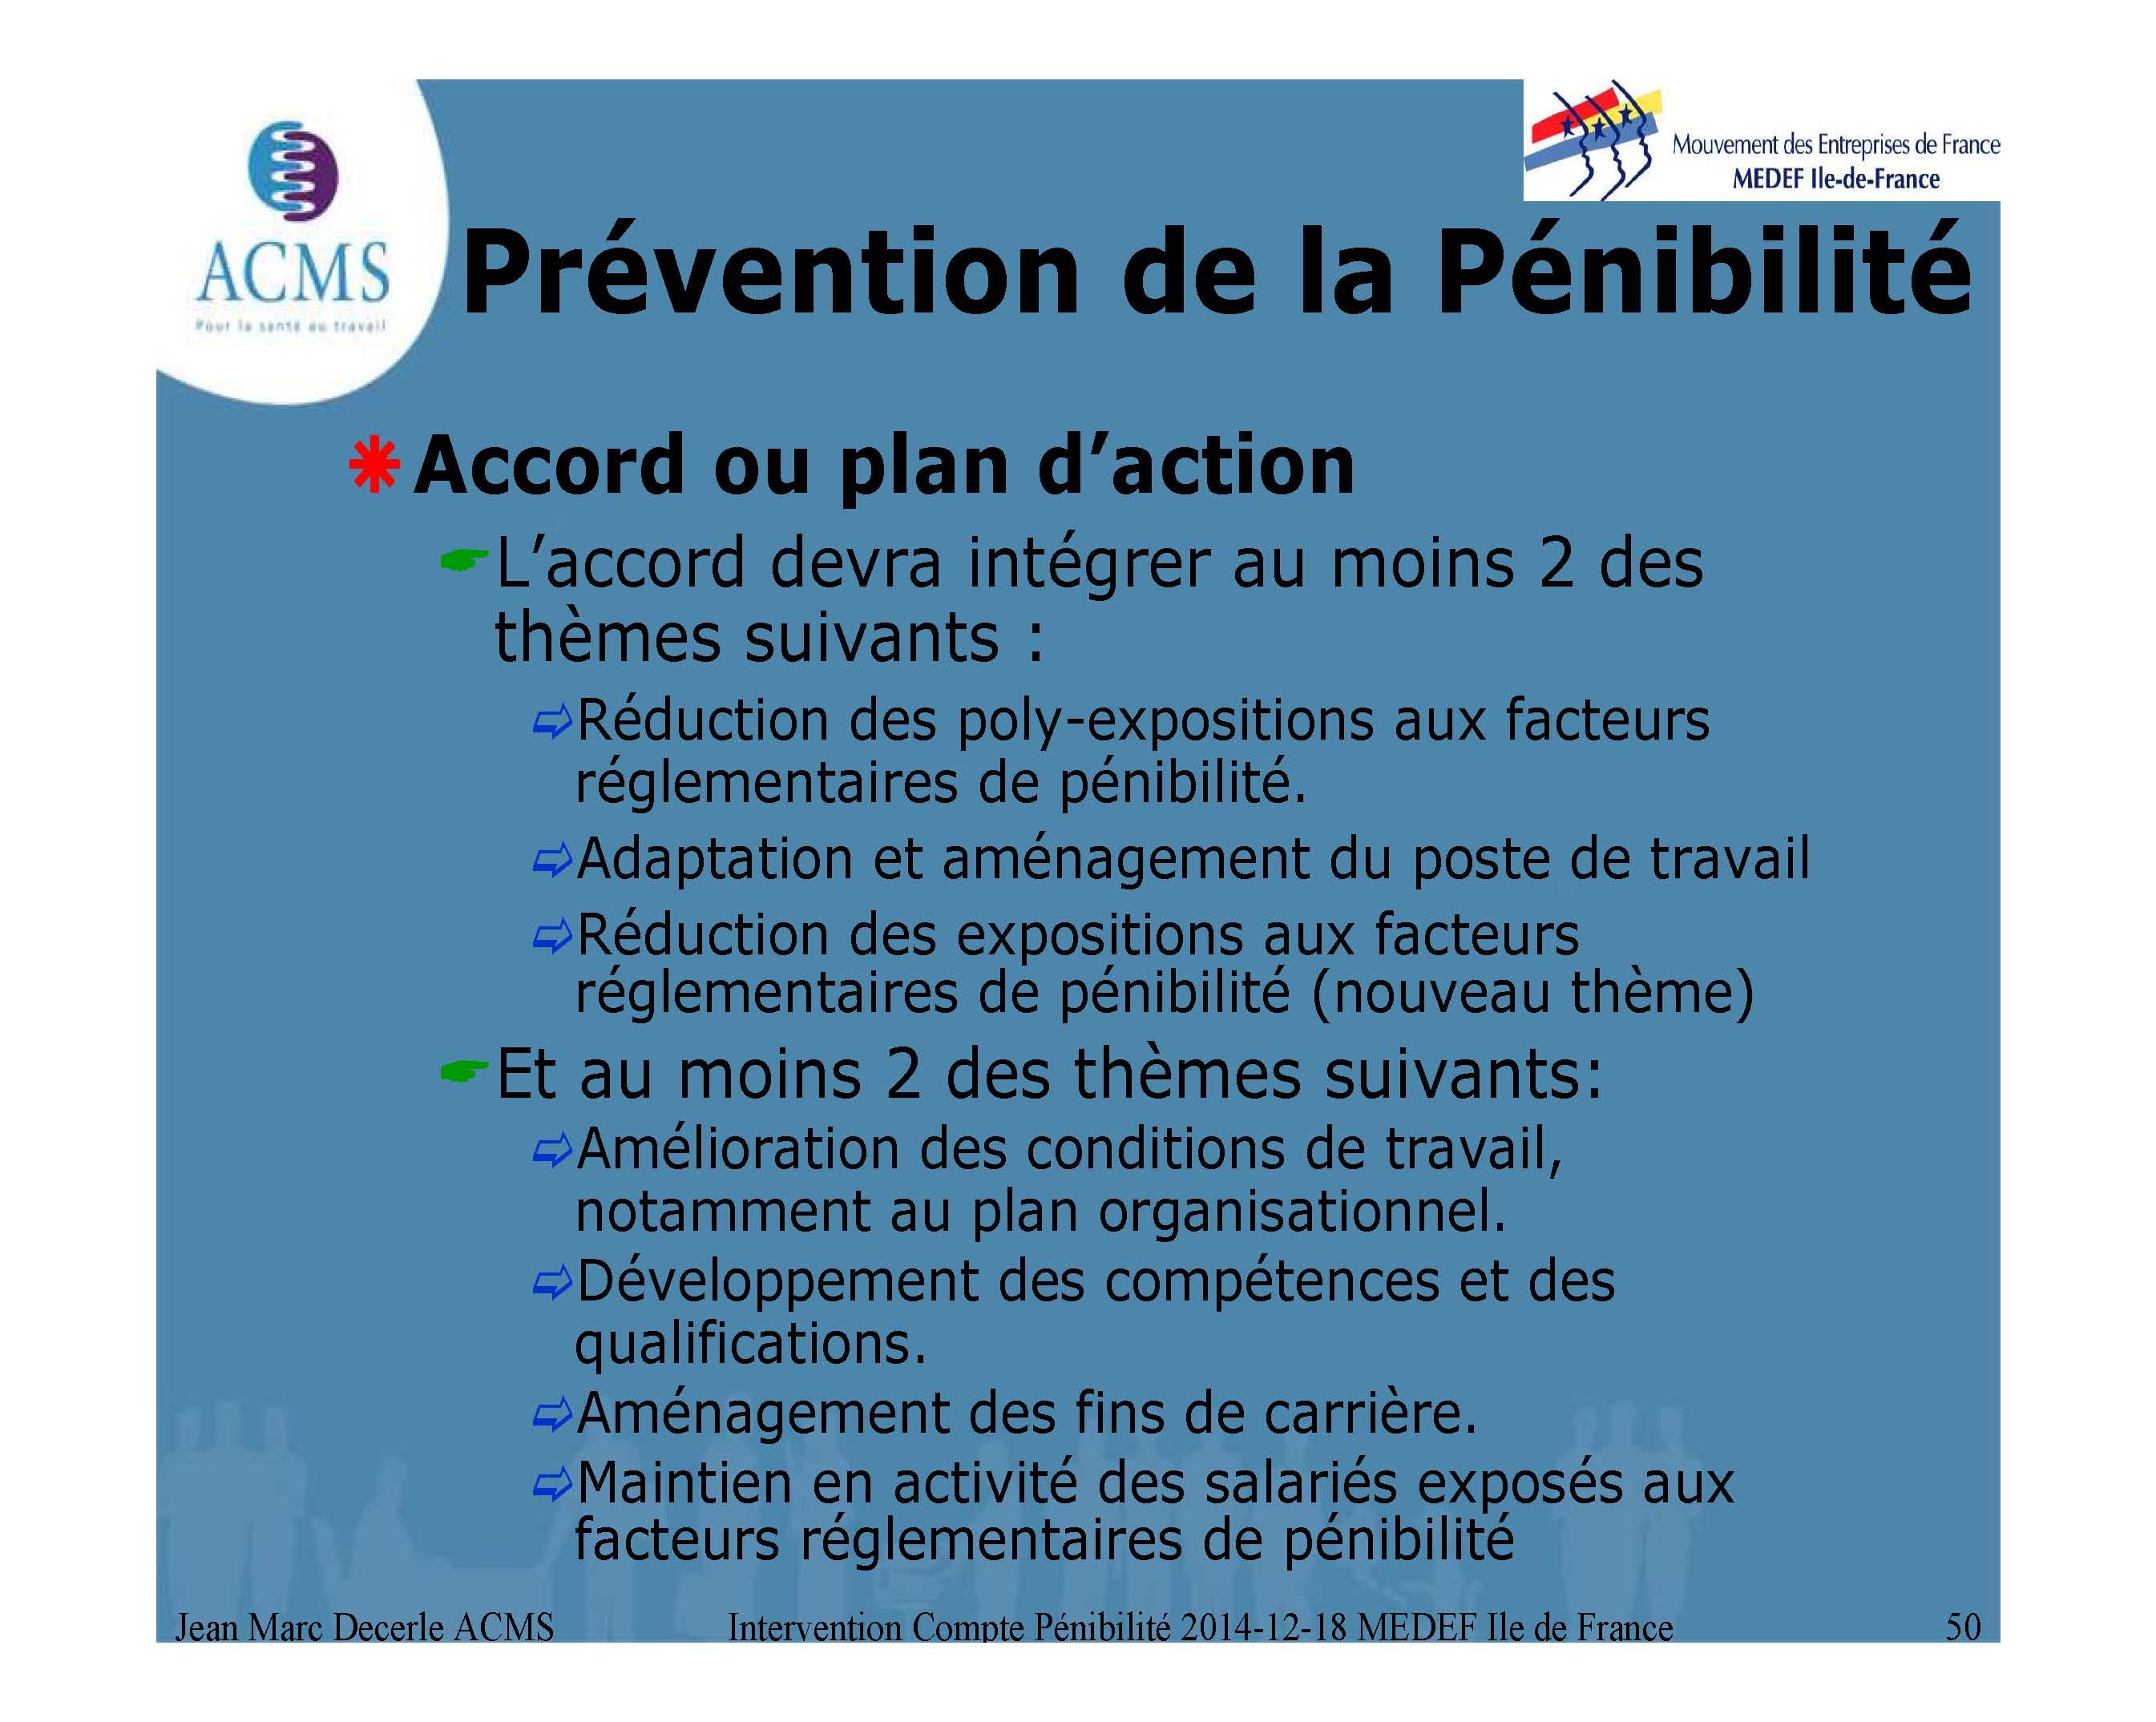 2014-12-18 Compte Pénibilite MEDEF Ile de France_Page_50